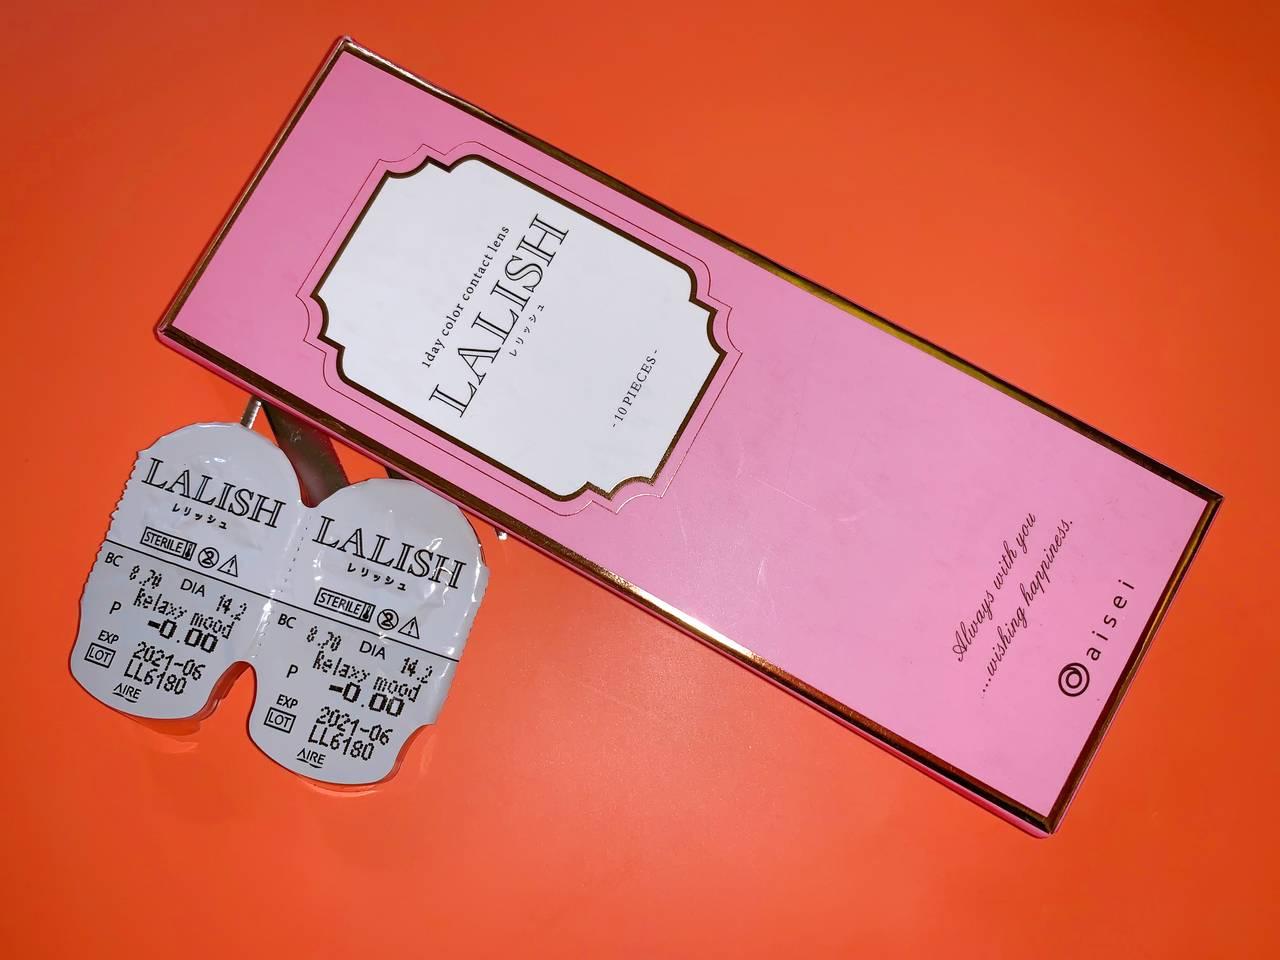 【レリッシュ リラクシームードのカラコンレポ】ナチュ盛りできるサイズ&デザインのブラウンカラコン